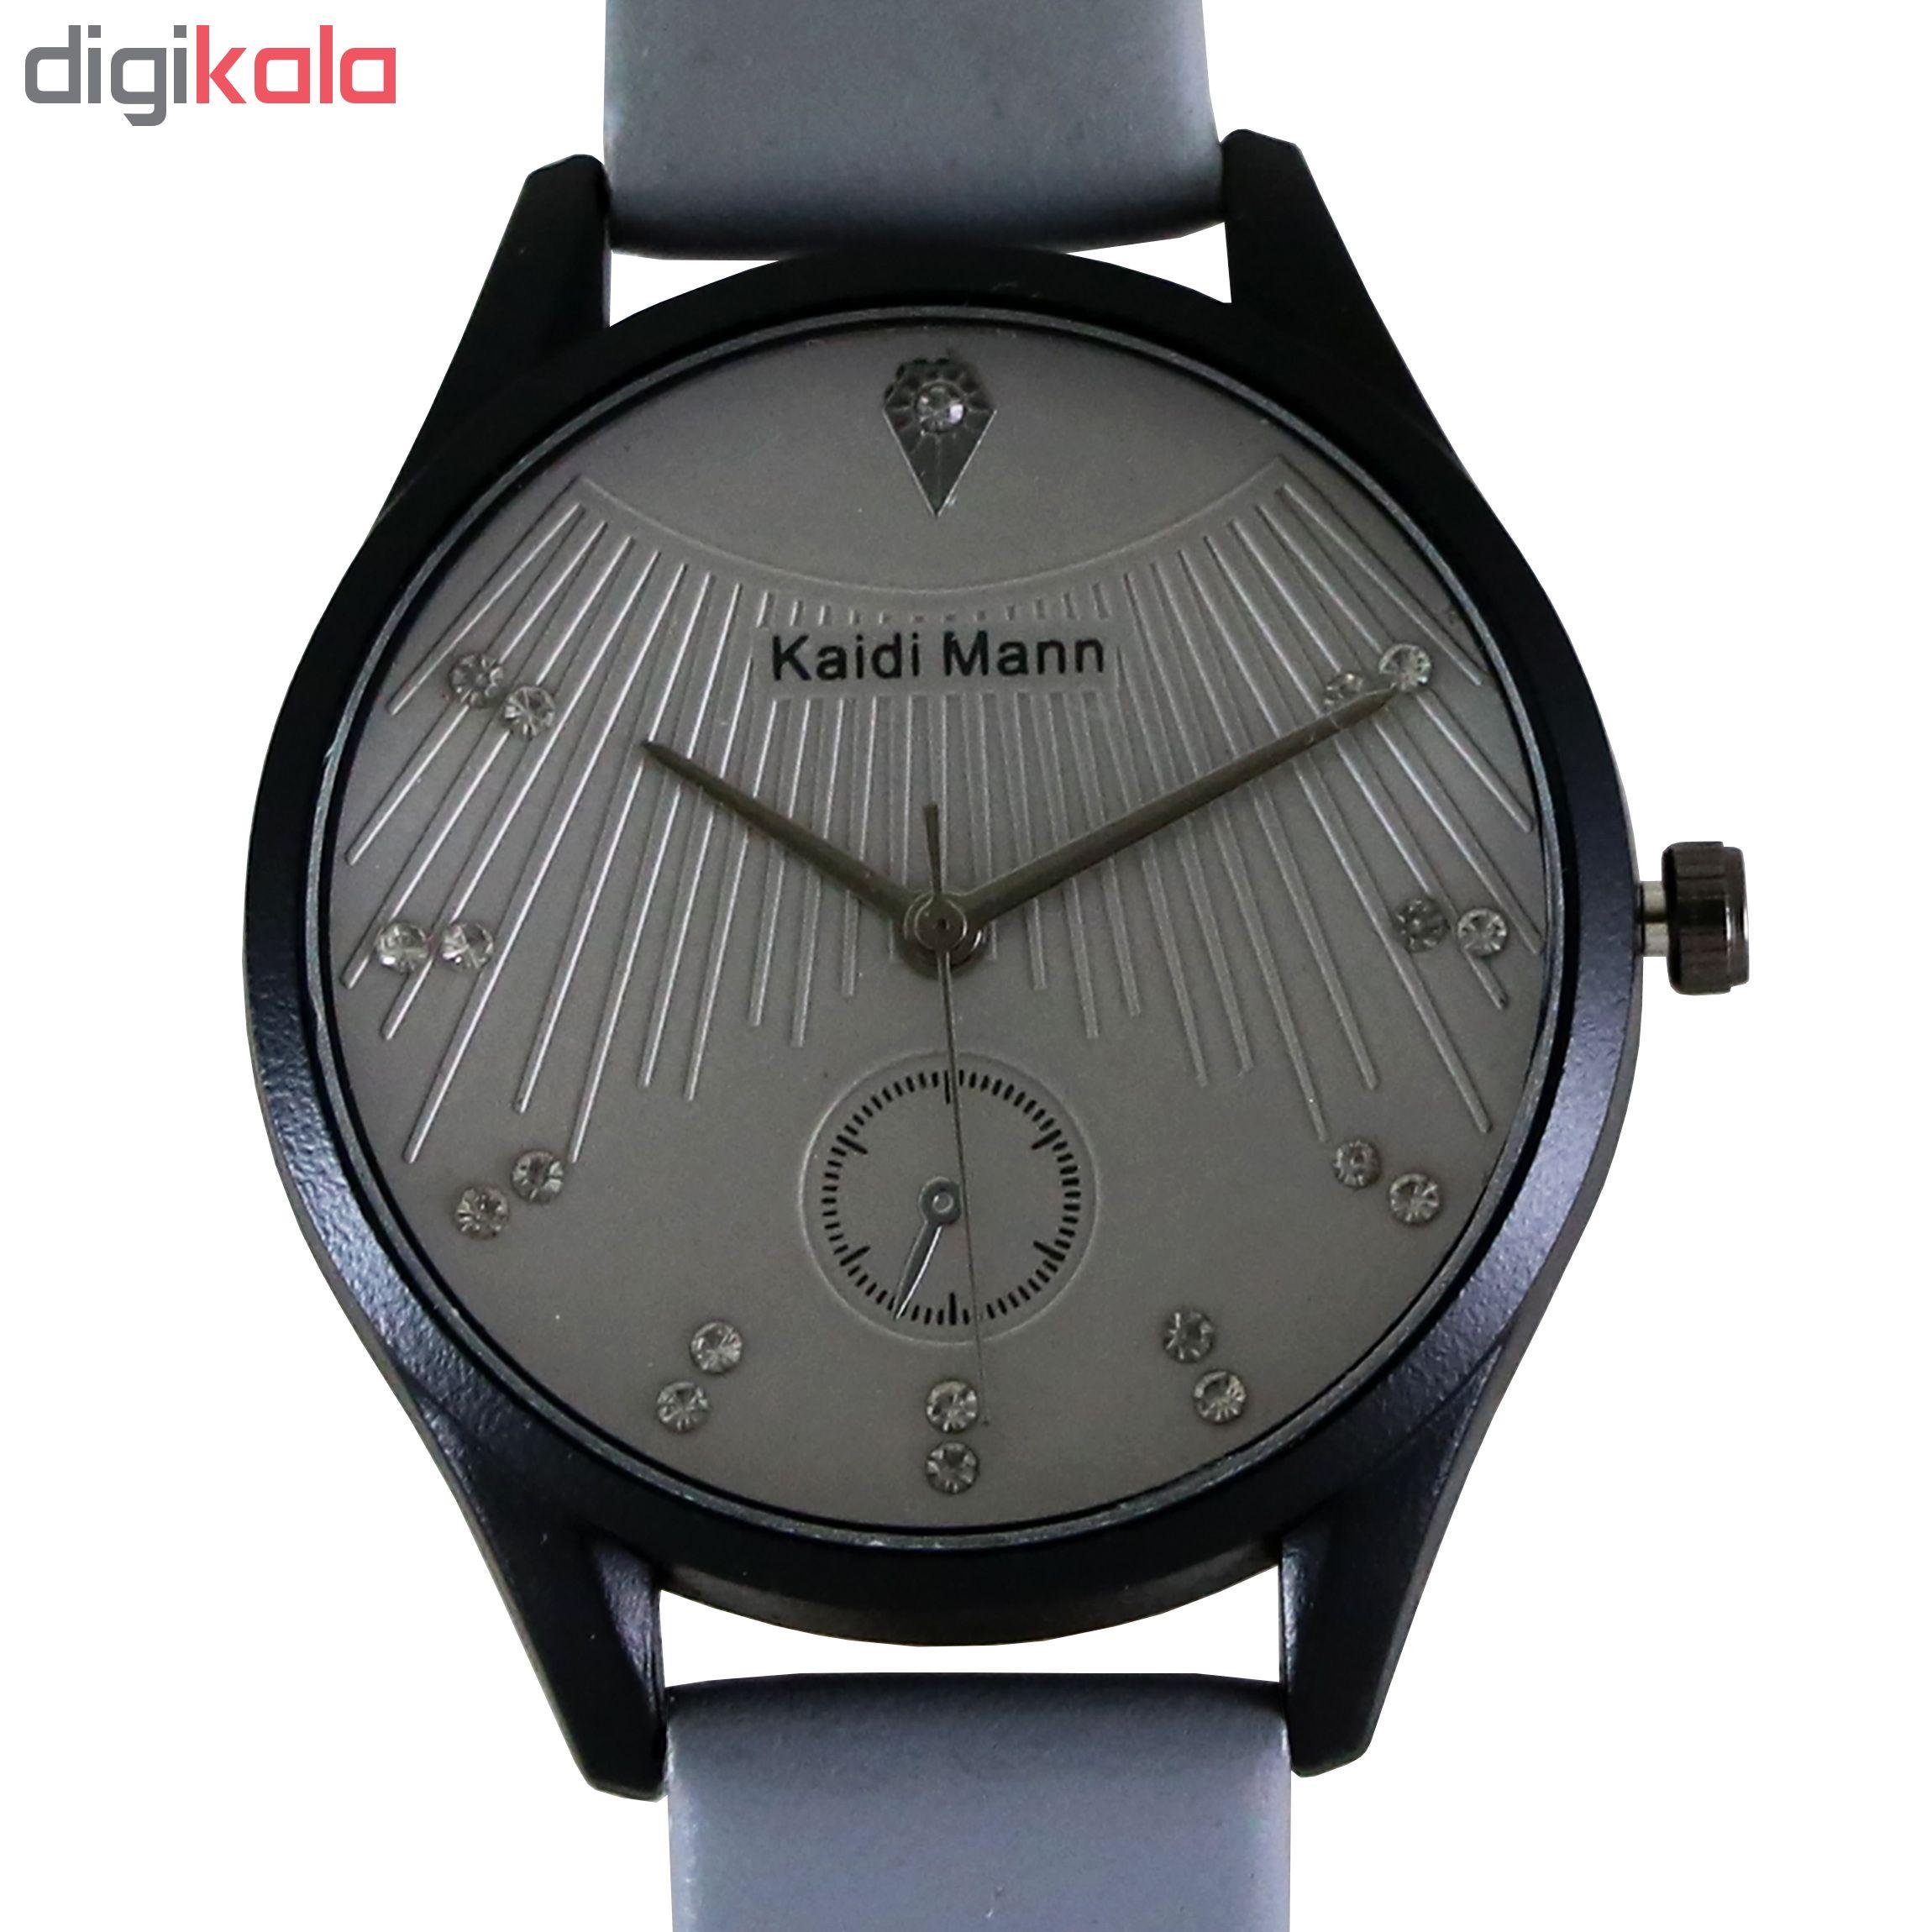 ساعت مچی عقربه ای زنانه کیدی من کد mw857              خرید (⭐️⭐️⭐️)